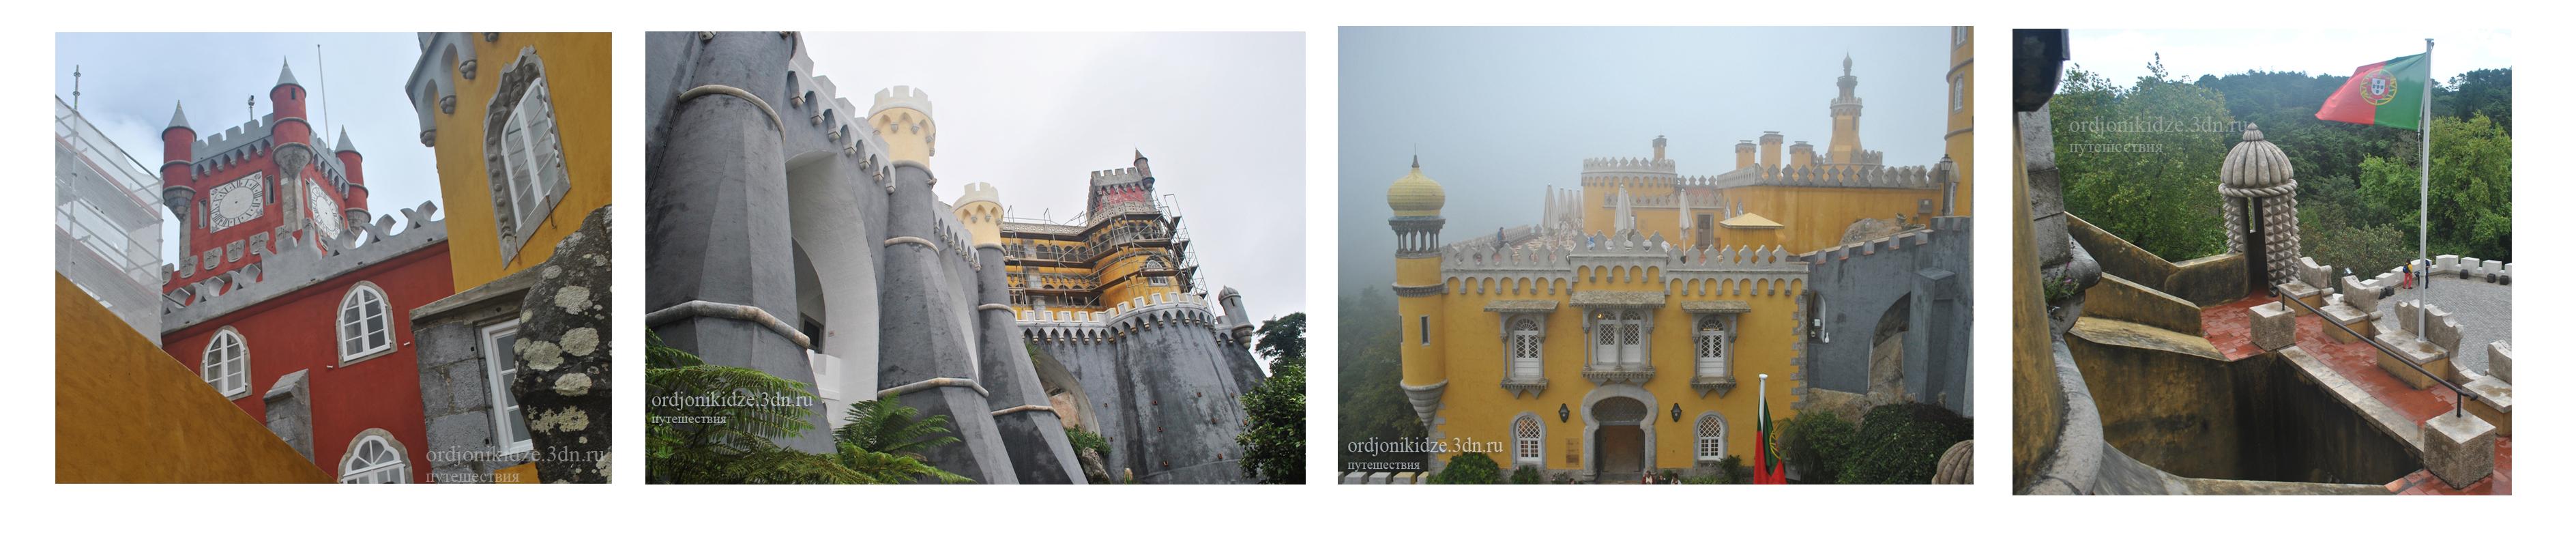 отзыв сайта Орджоникидзе о дворце Pena в Португалии, Синтре